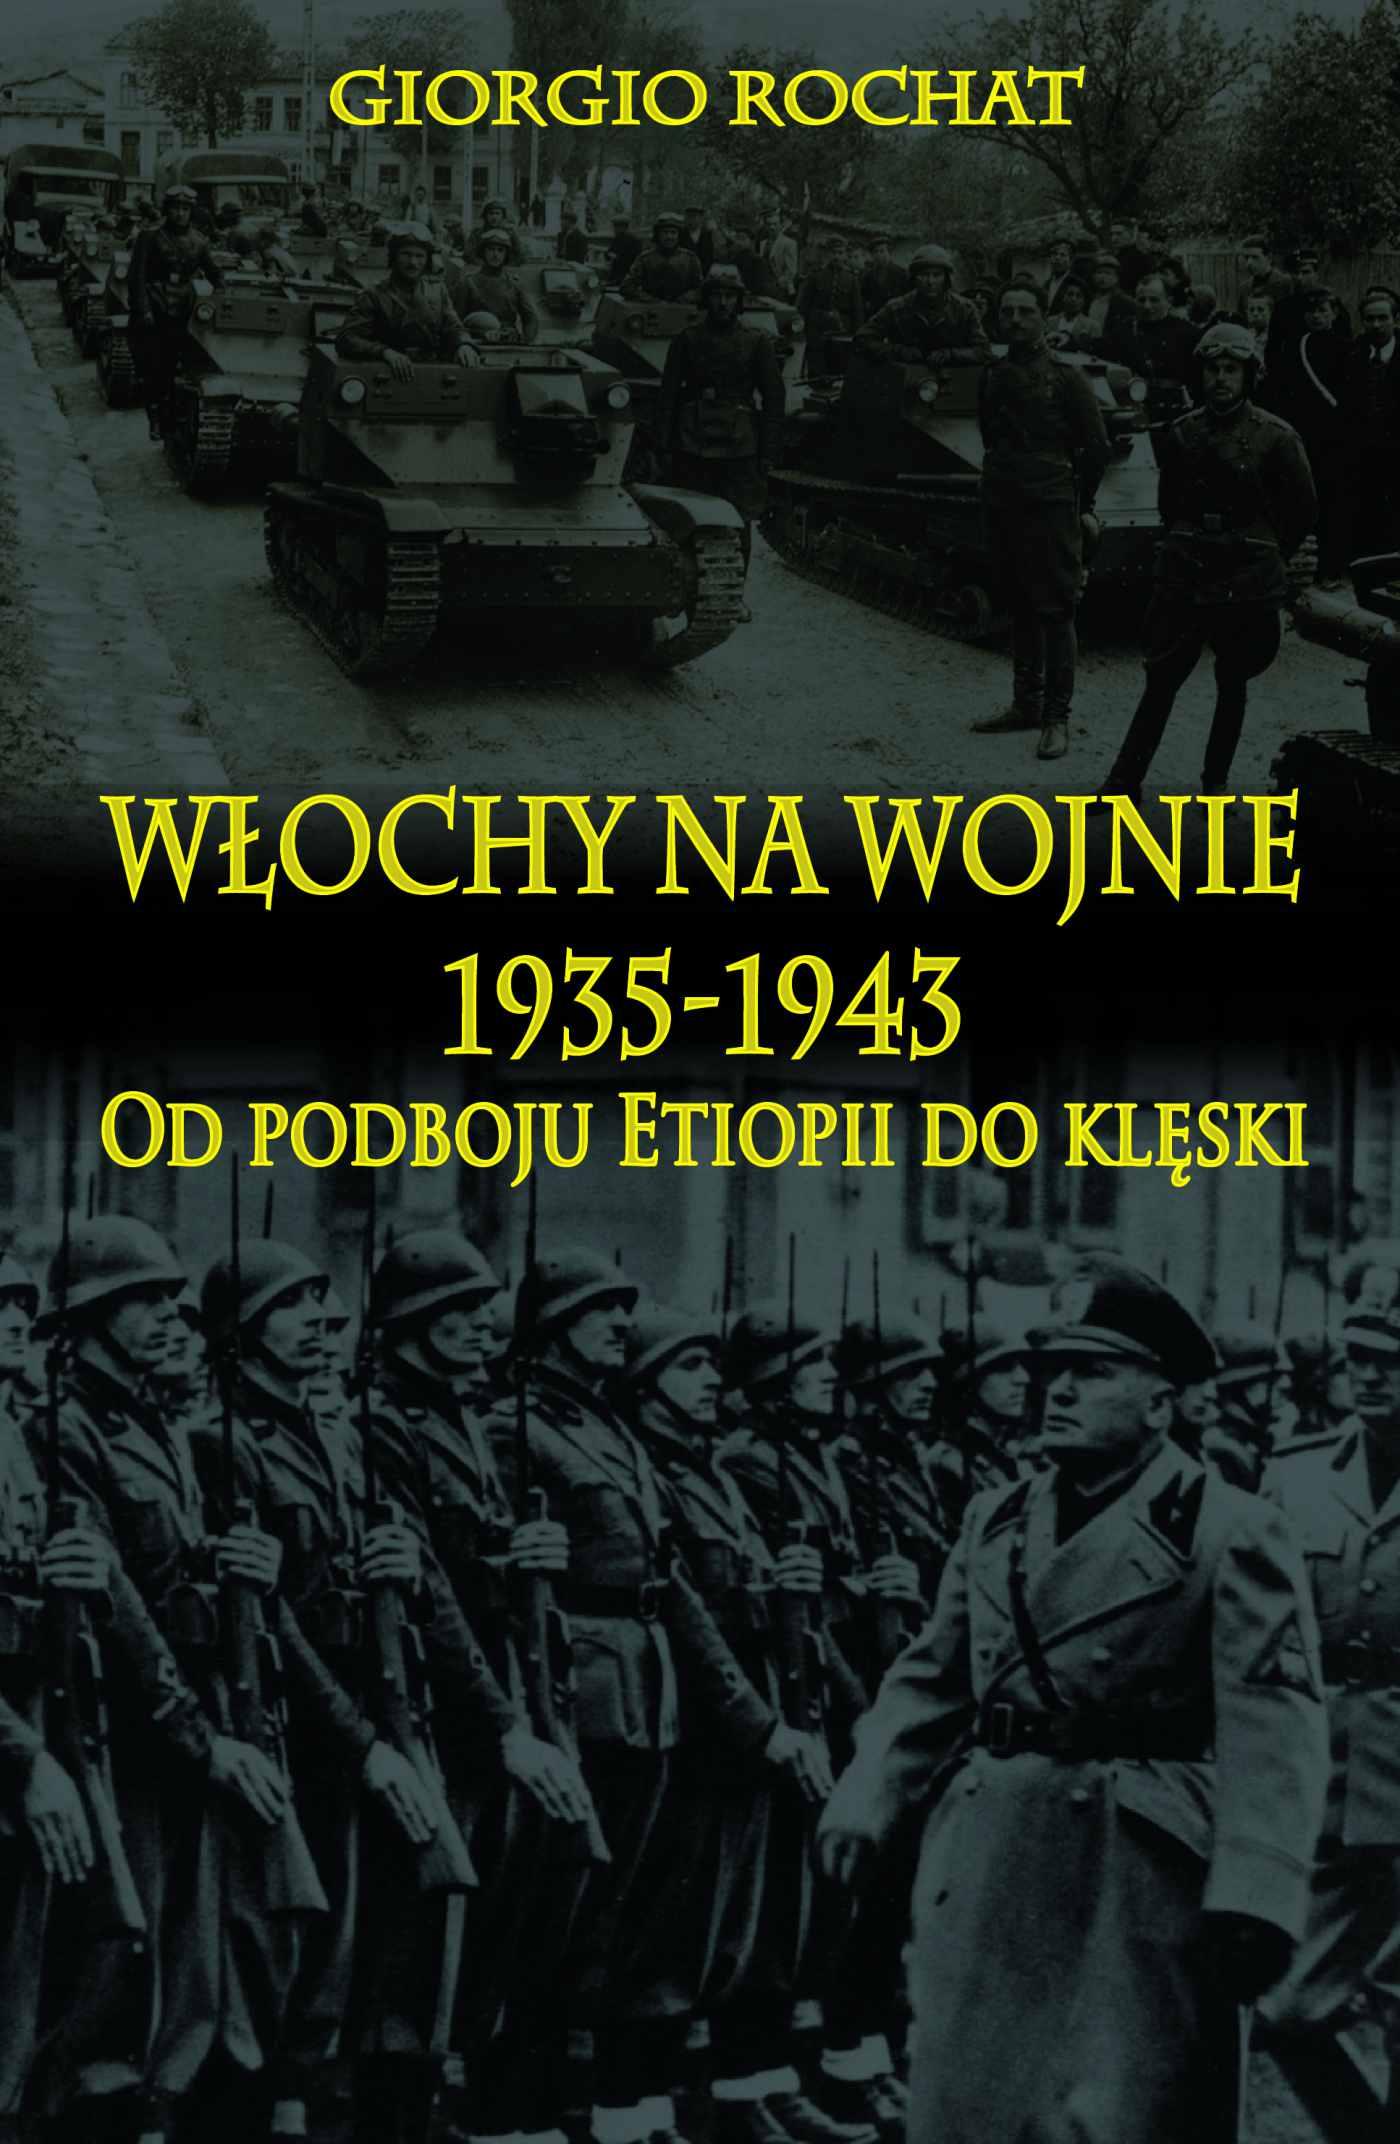 Włochy na wojnie 1935-1943. Od podboju Etiopii do klęski - Ebook (Książka na Kindle) do pobrania w formacie MOBI